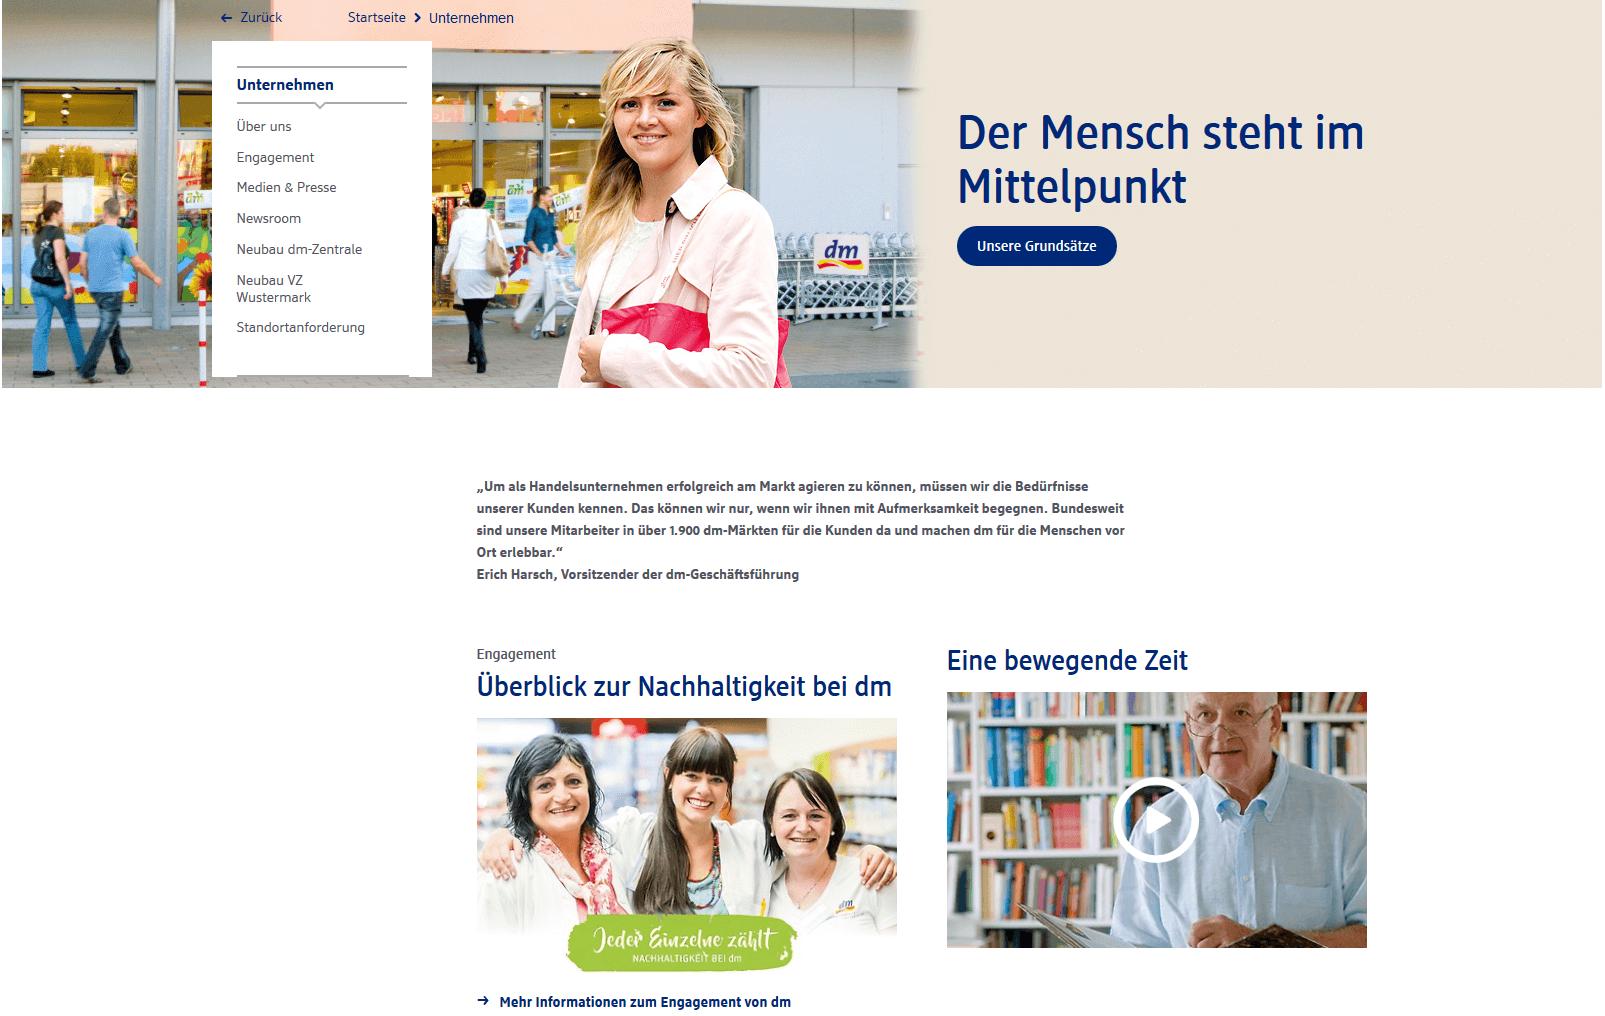 5) Die DM-Drogerie Unternehmenswebsite kann mit individuellen Bildern punkten